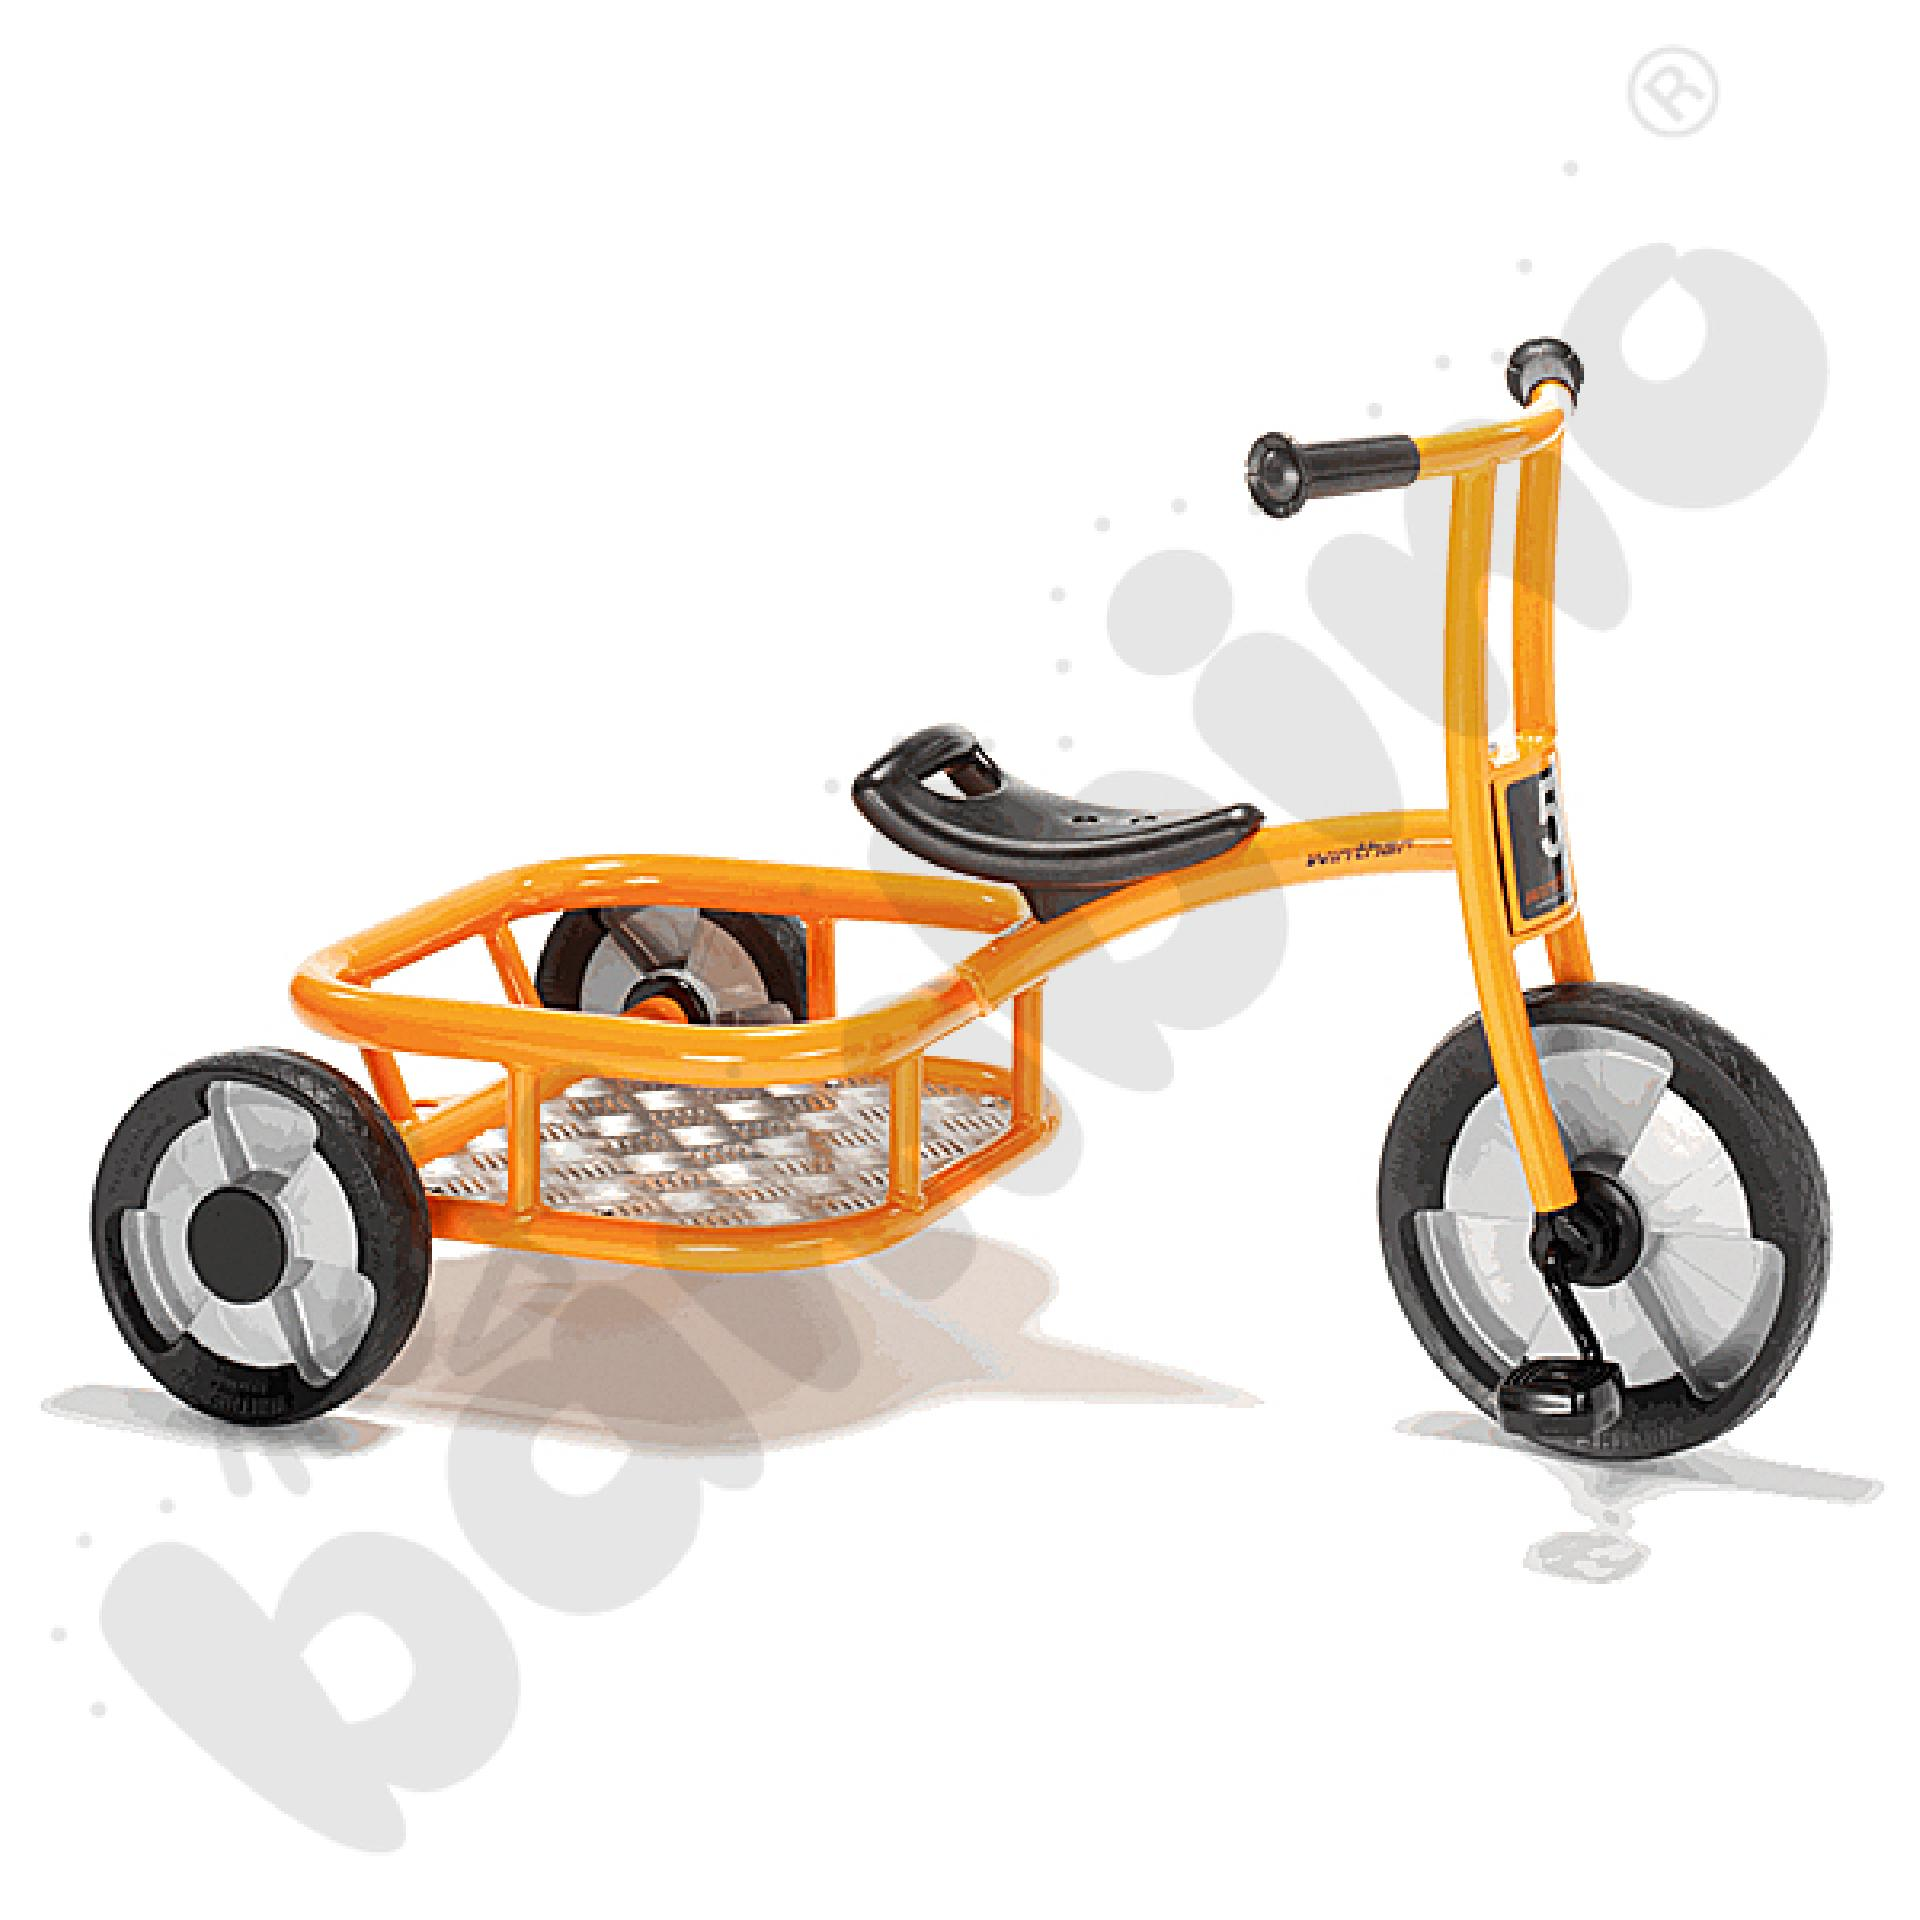 Rowerek z kółkami bocznymi i bagażnikiem